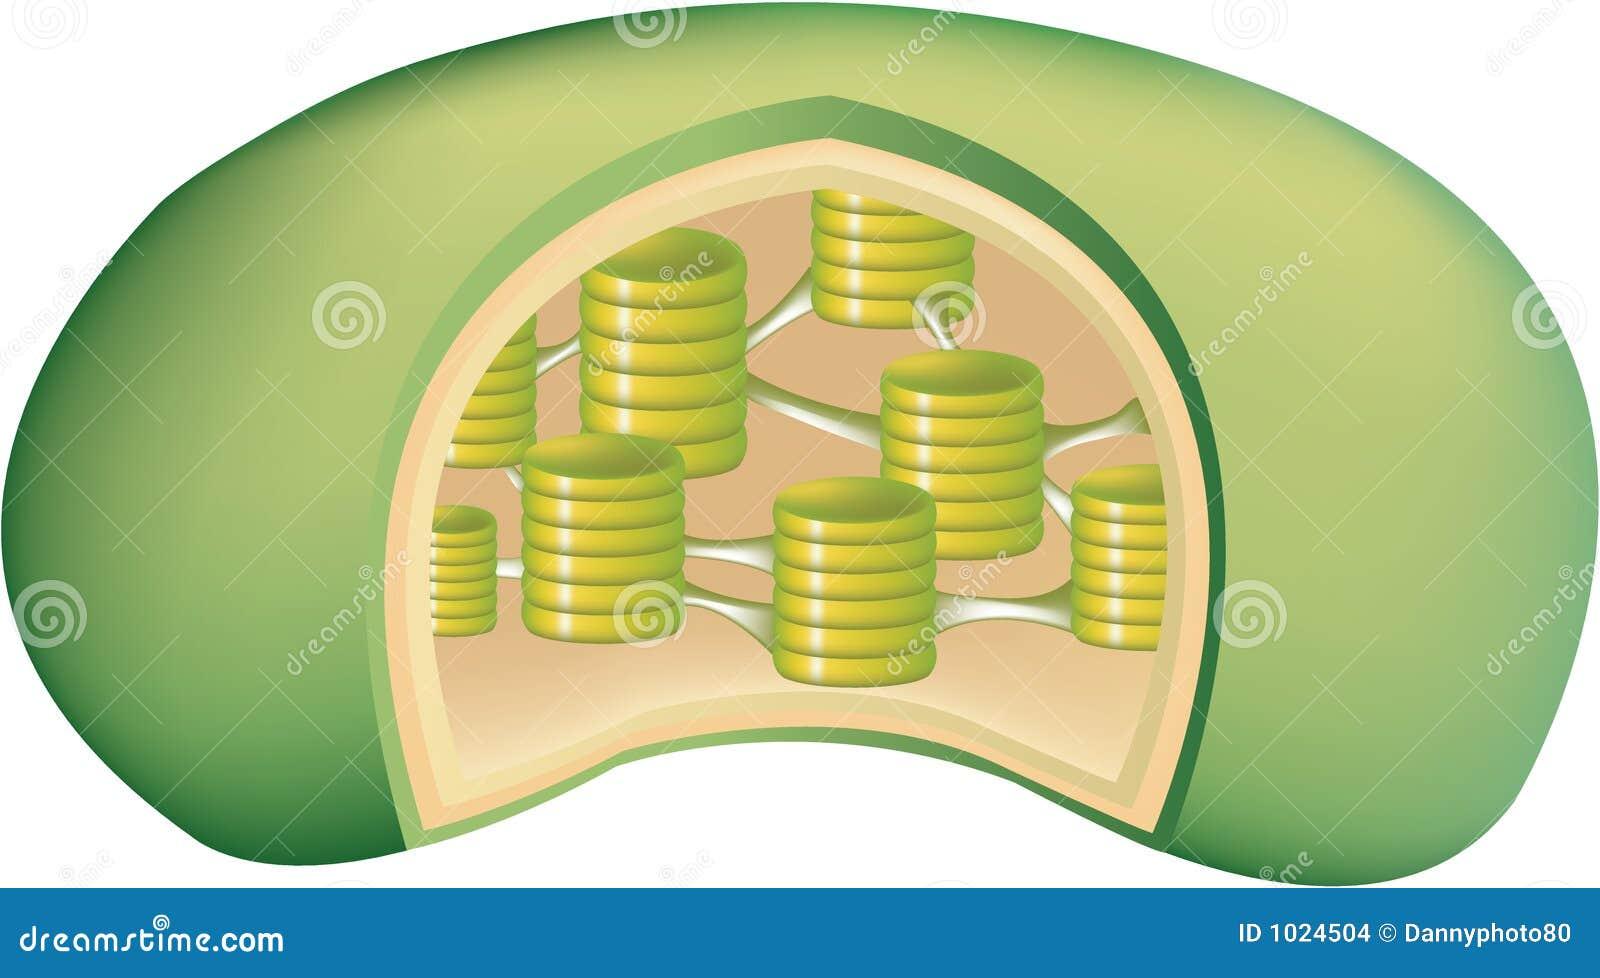 Cloroplasto Illustrazioni Vettoriali E Clipart Stock 255 Plant Cell Anatomy Vector Image 43912193 1 Della Pianta 2 Illustrazione Di